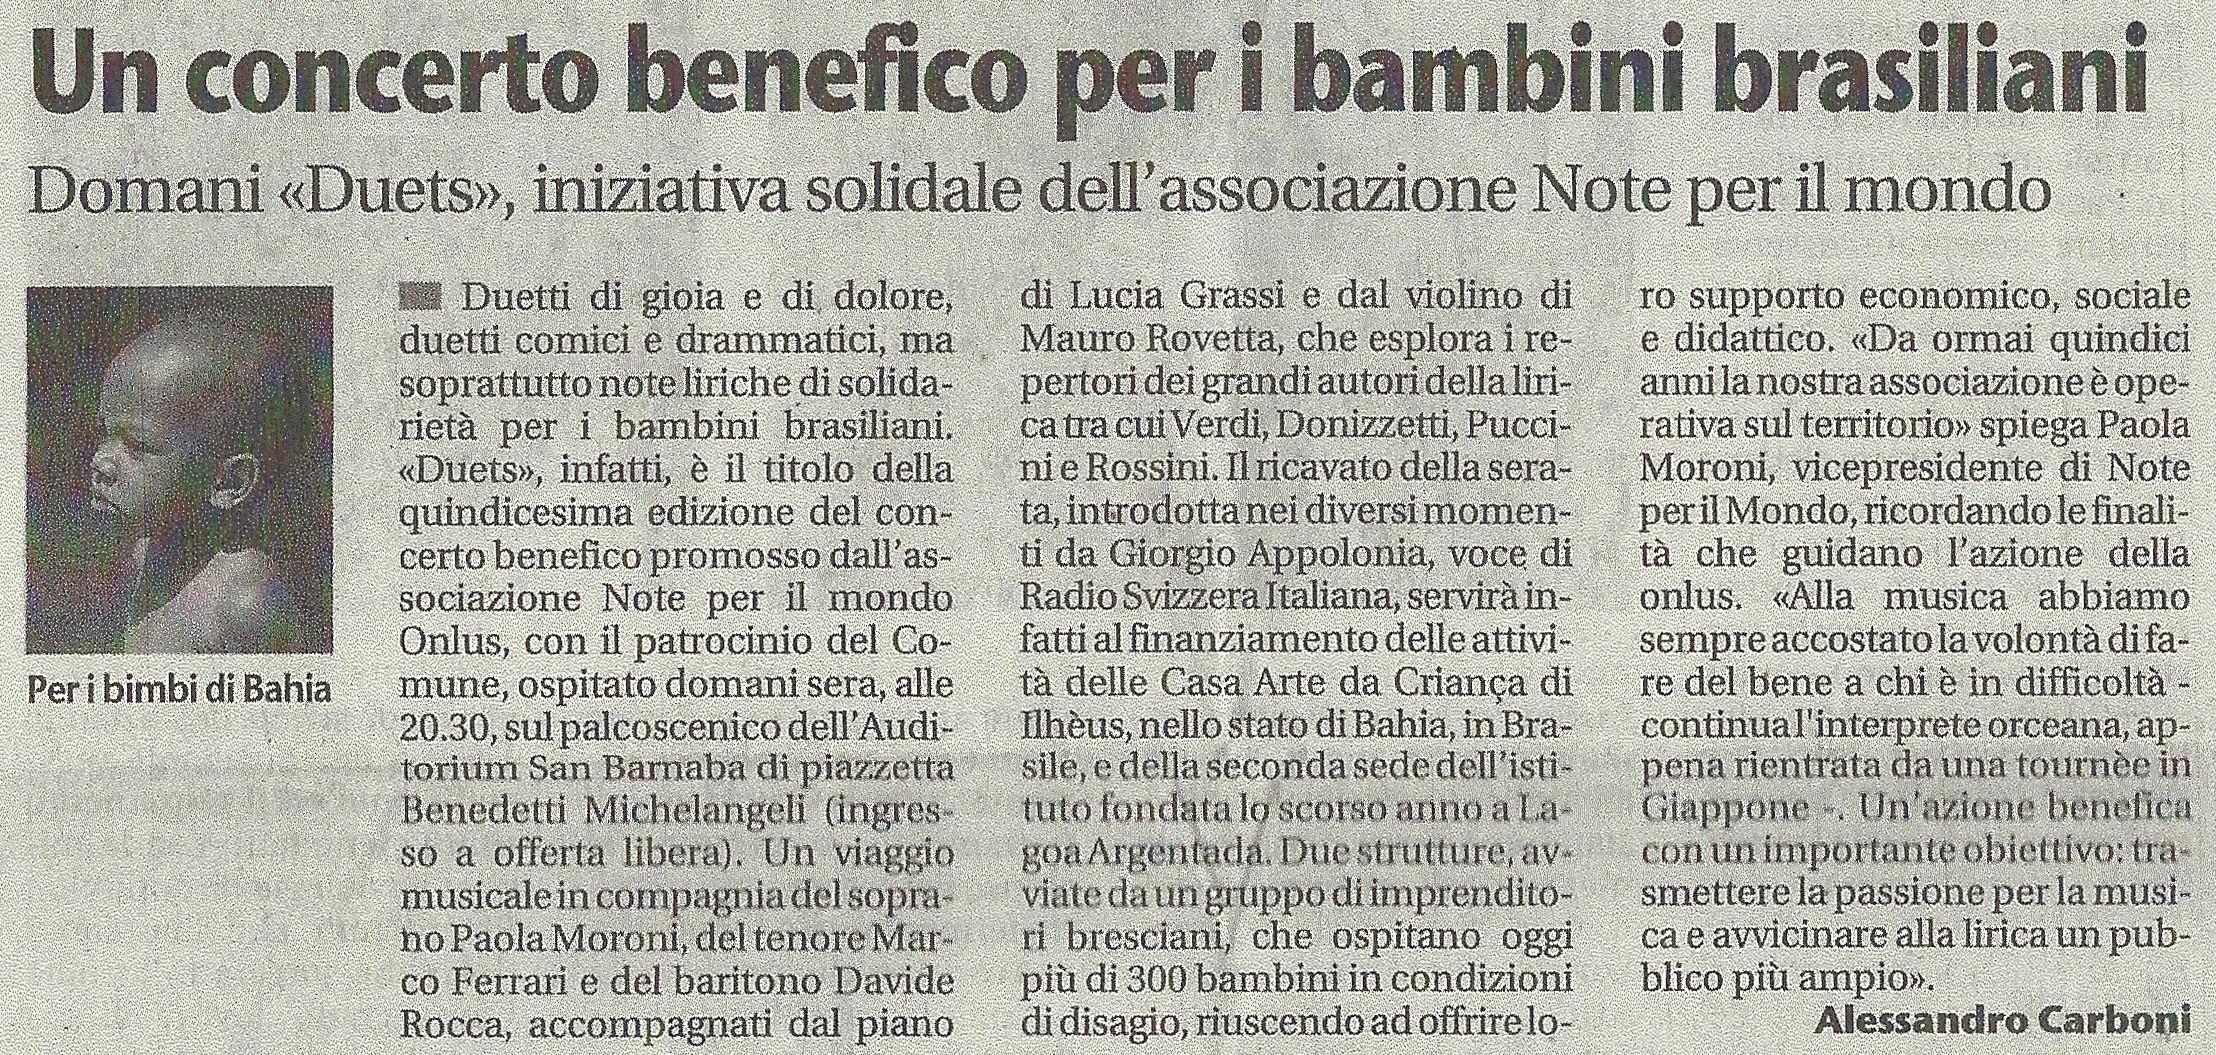 25 ottobre 2013 Giornale di Brescia.jpg